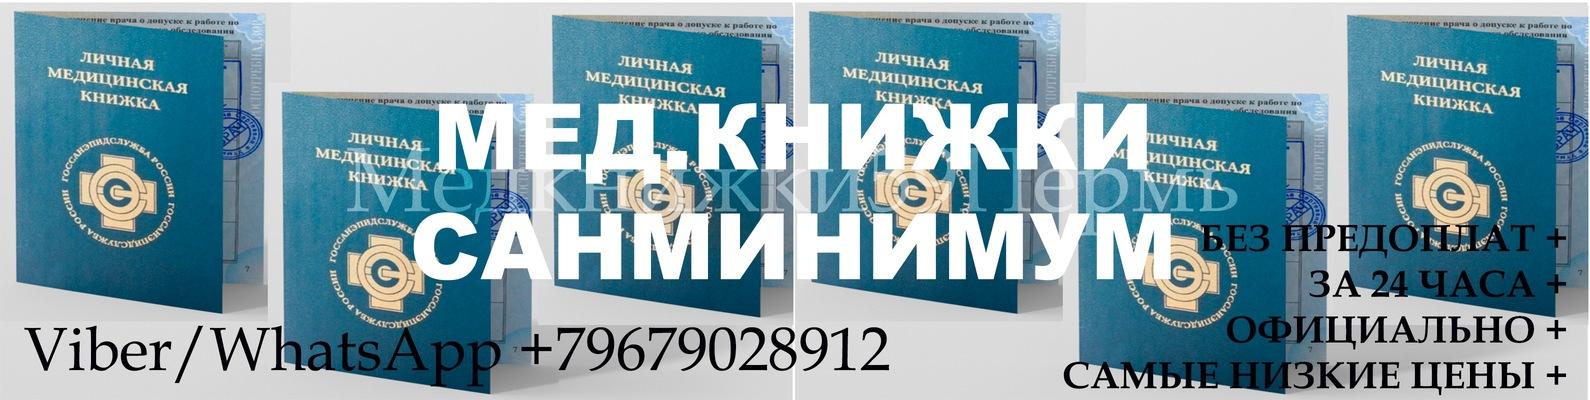 Купить чистую медицинскую книжку в перми работа москва для граждан украины с патентом